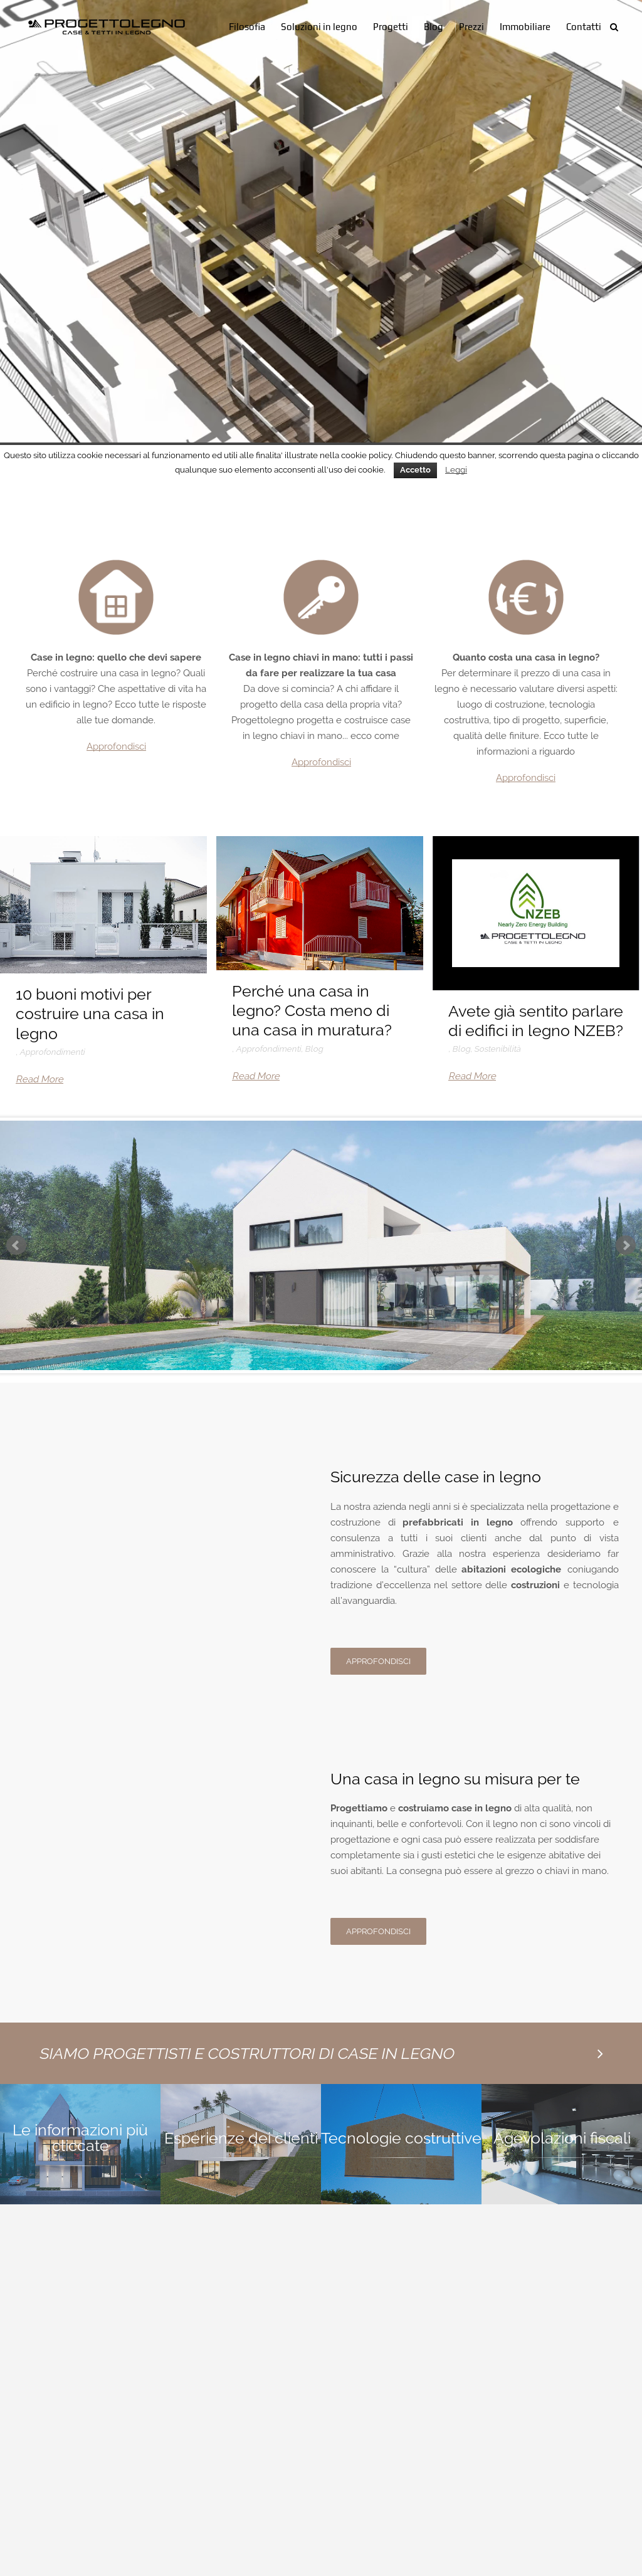 Casa Di Legno Costi progettolegno srl - case e tetti in legno competitors